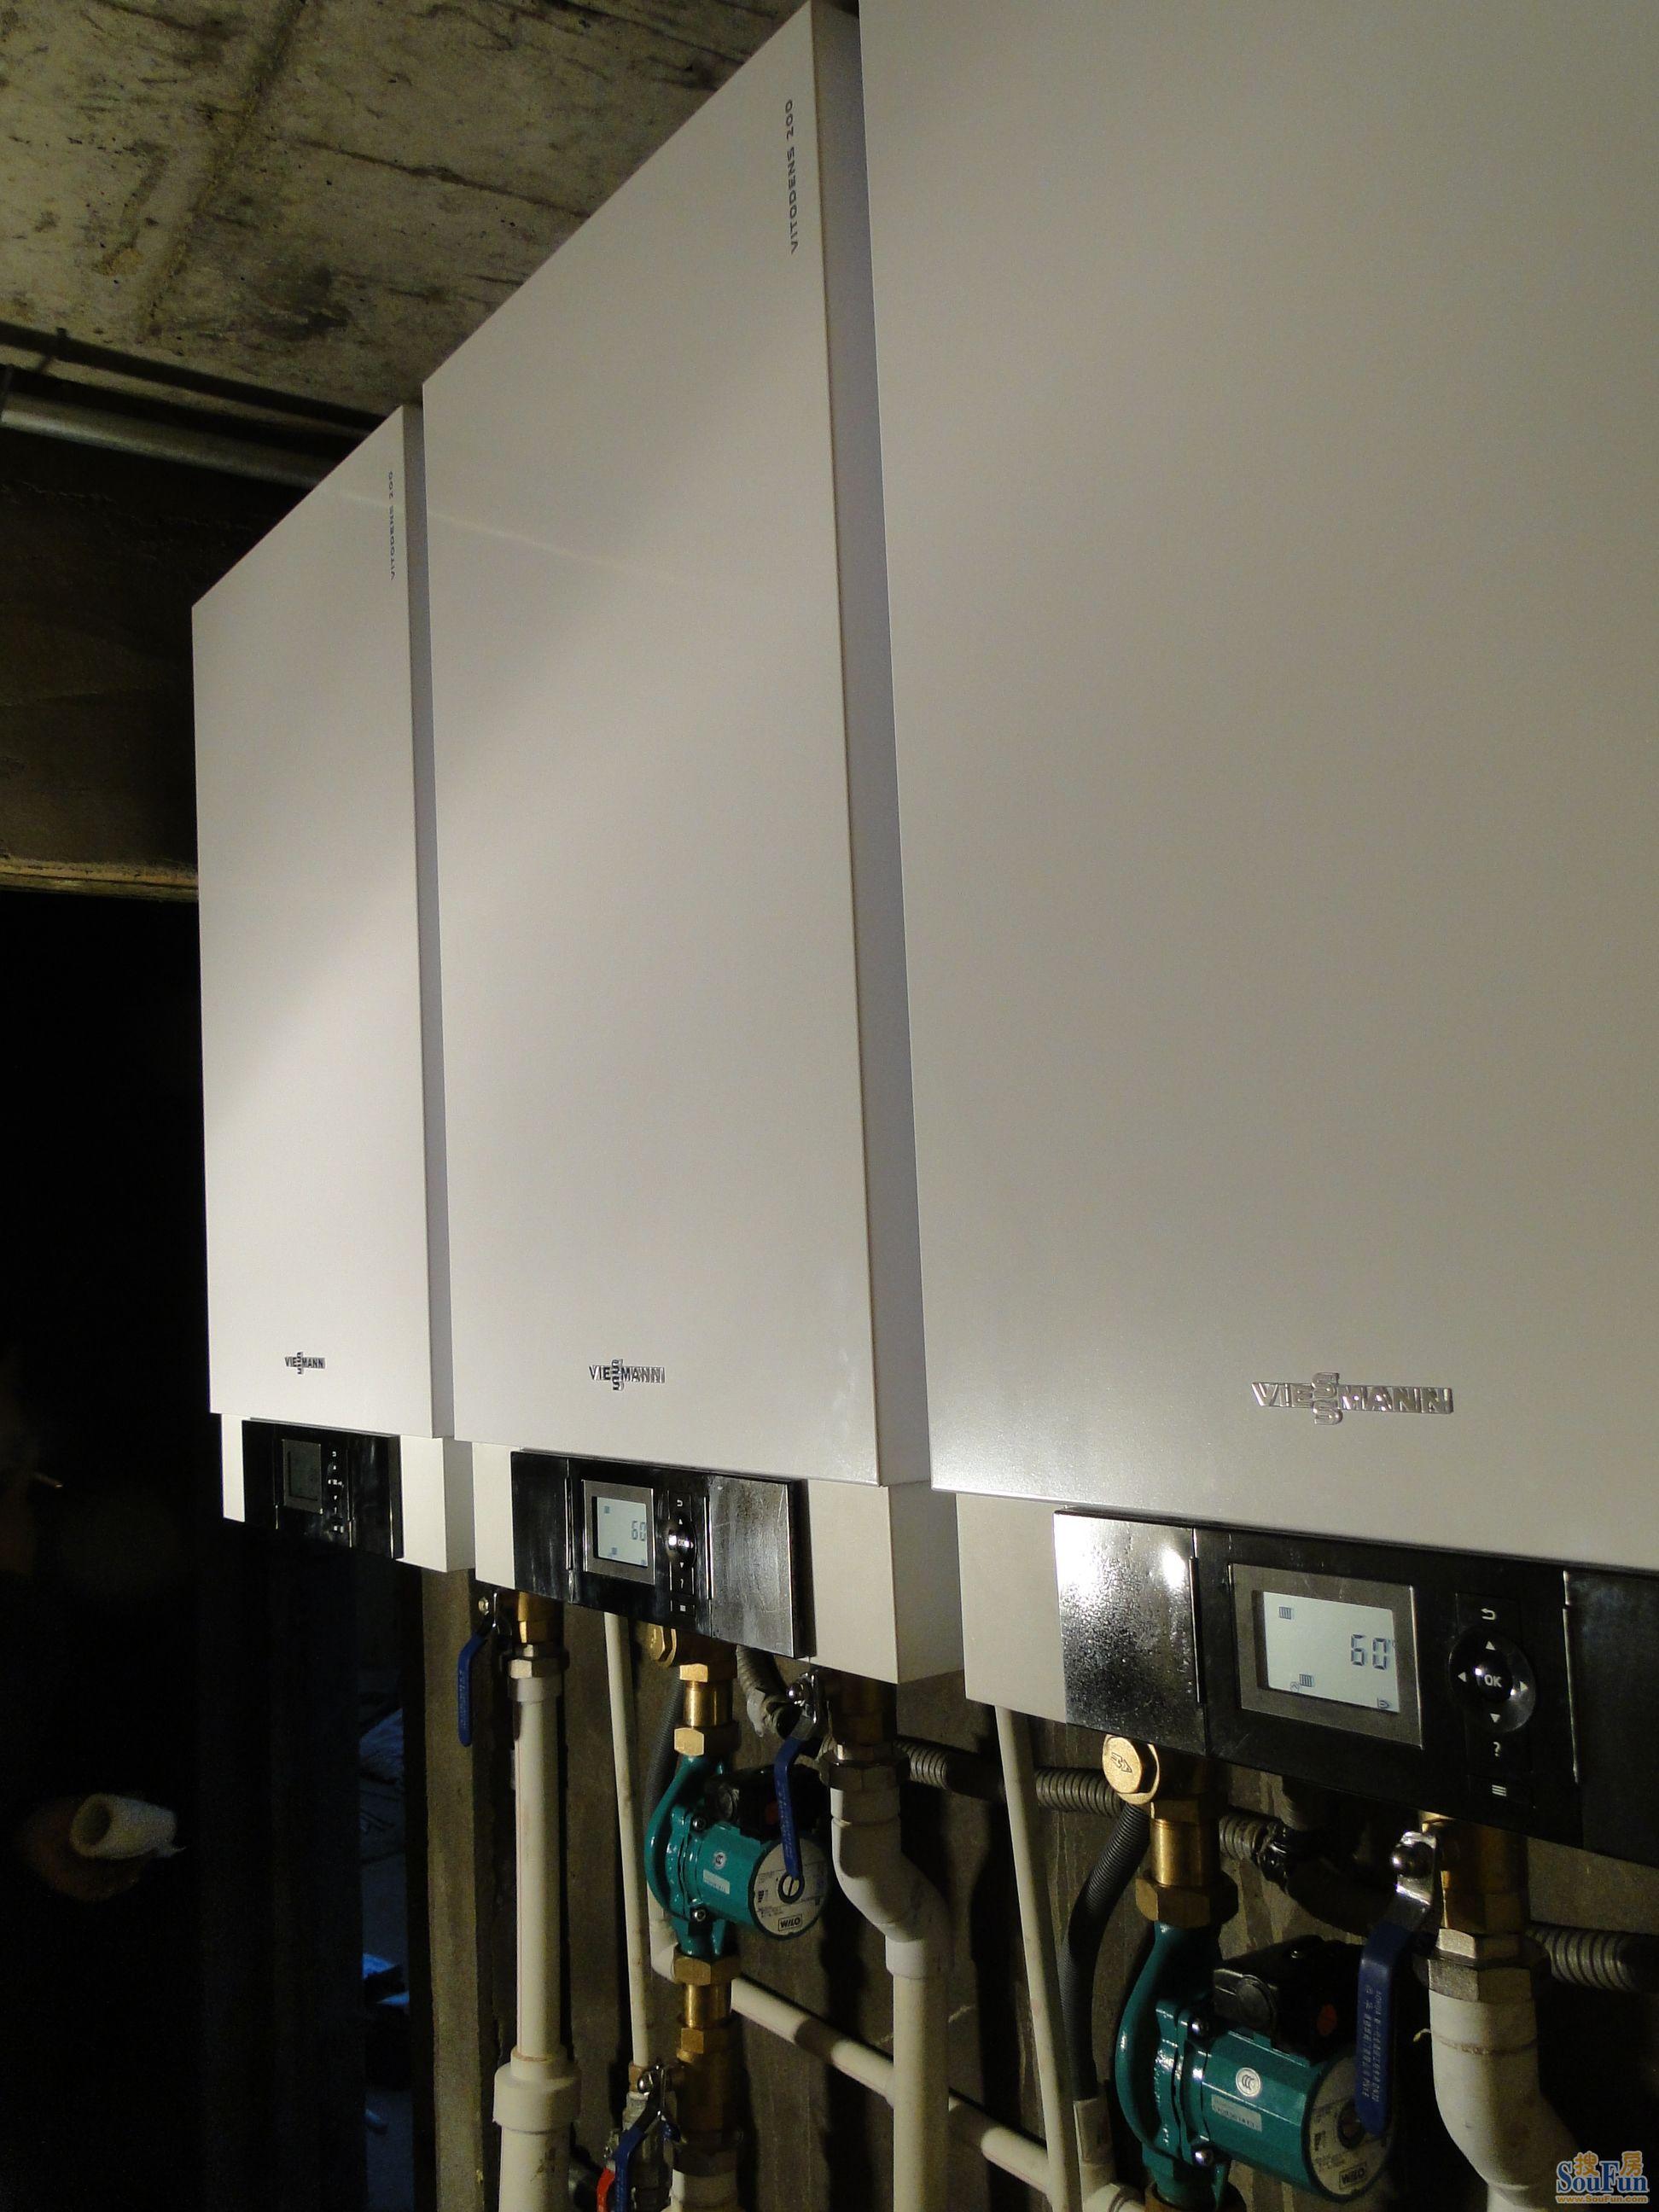 大户型更节能的冷凝壁挂炉,潍坊进口壁挂炉冷凝机安装示意图高清图片